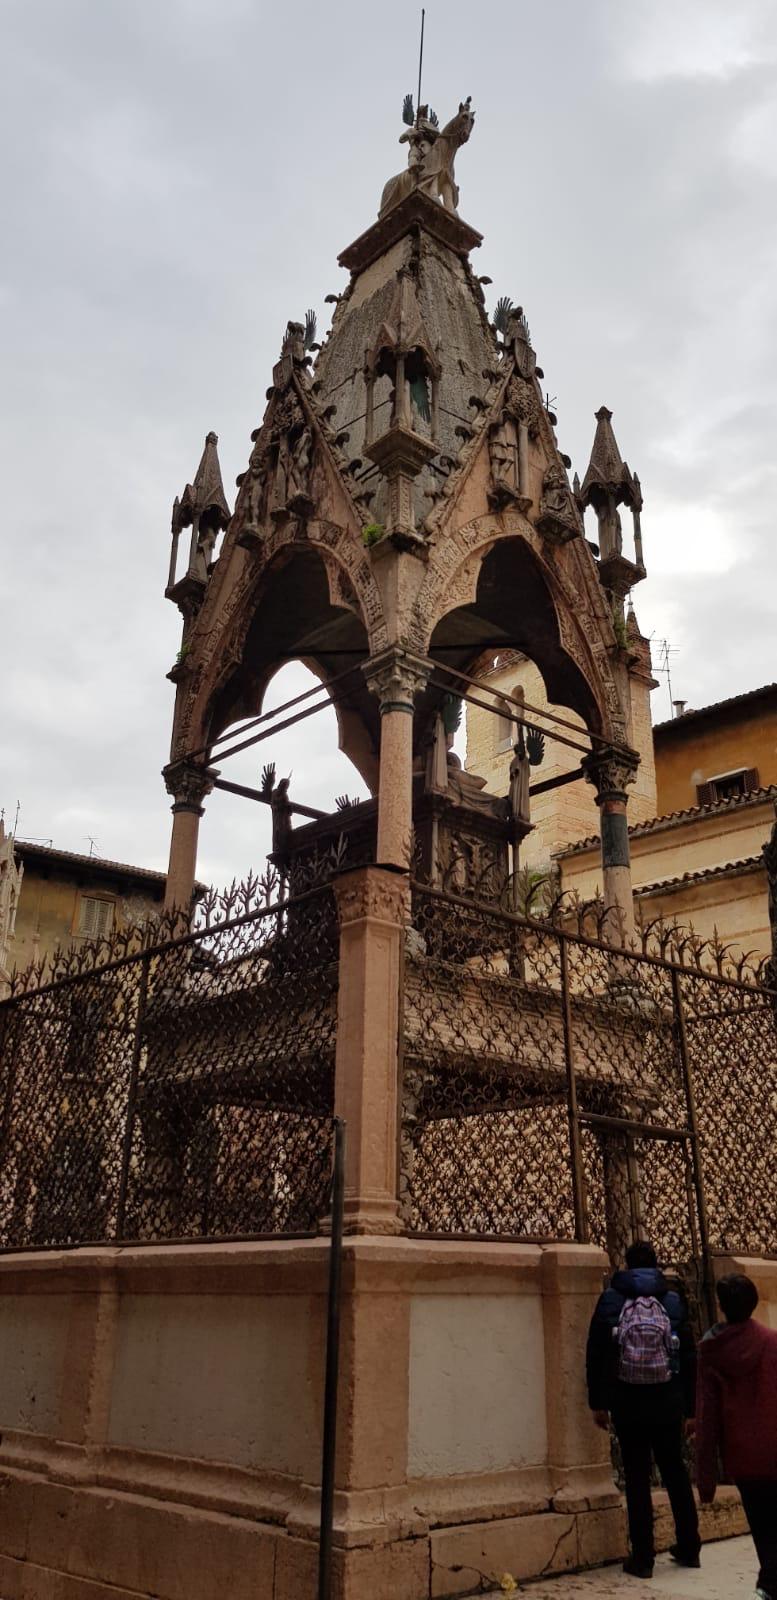 A magic adventure in Verona by Giovanni Berni - Illustrated by Giovanni Berni - Ourboox.com